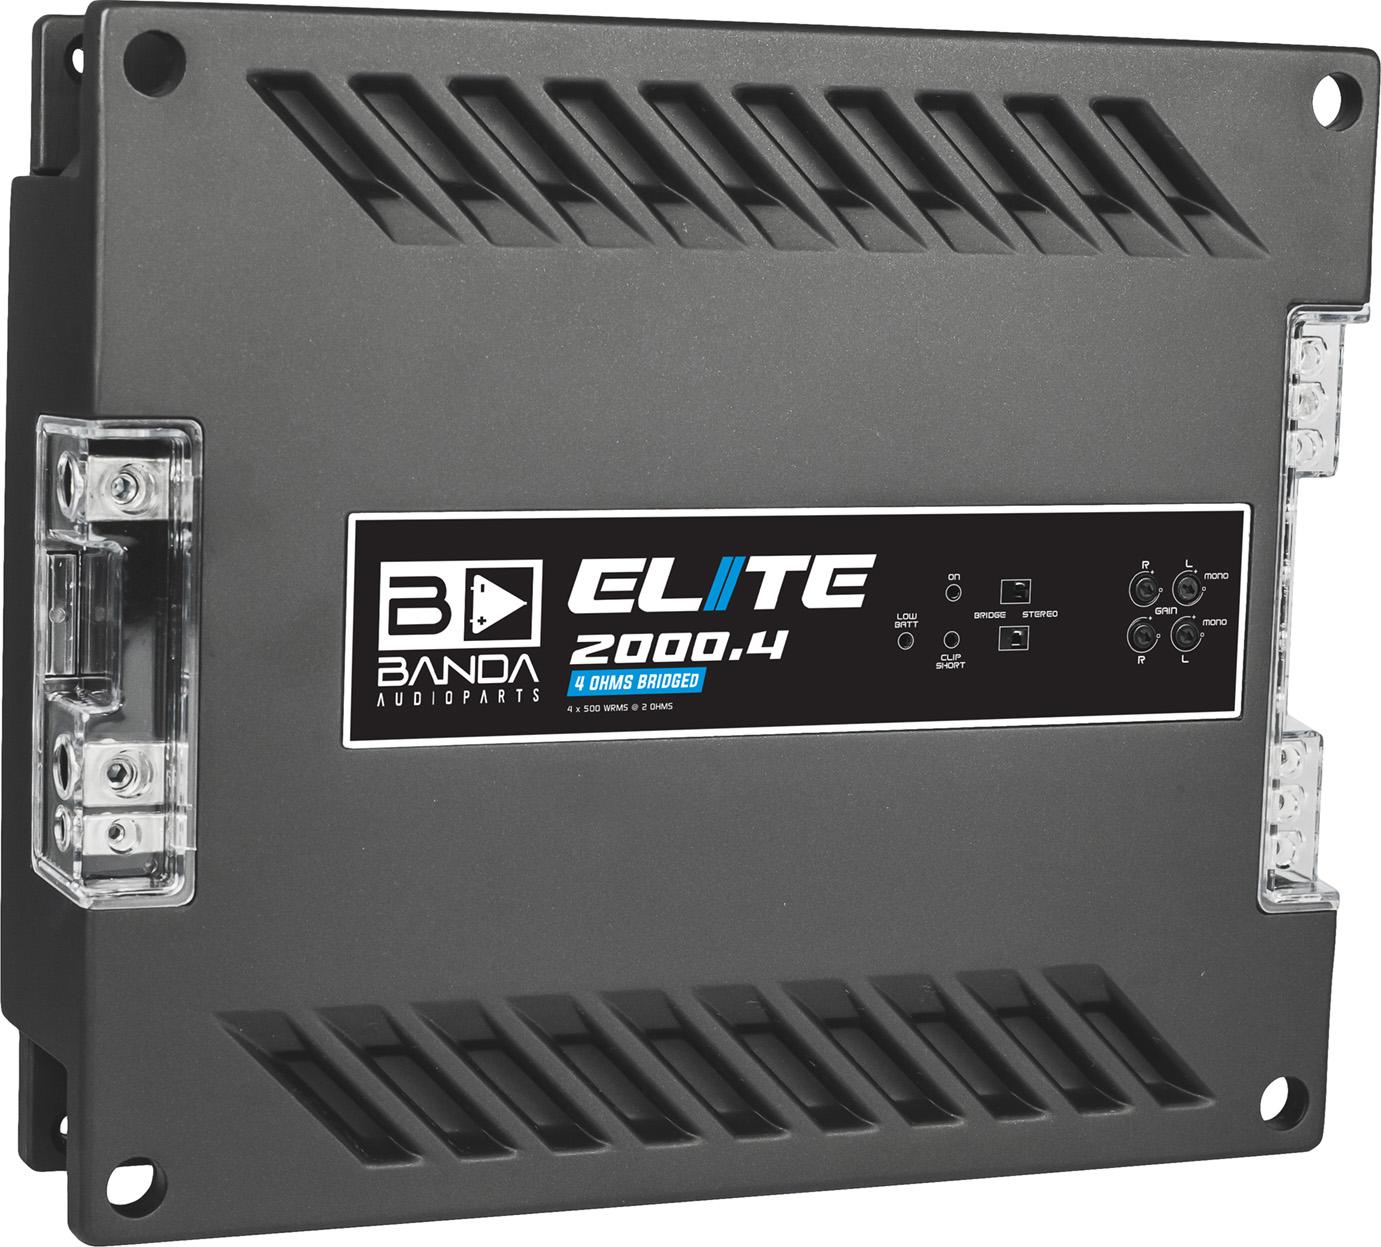 elite-2000.4-diagonal-19 ELITE